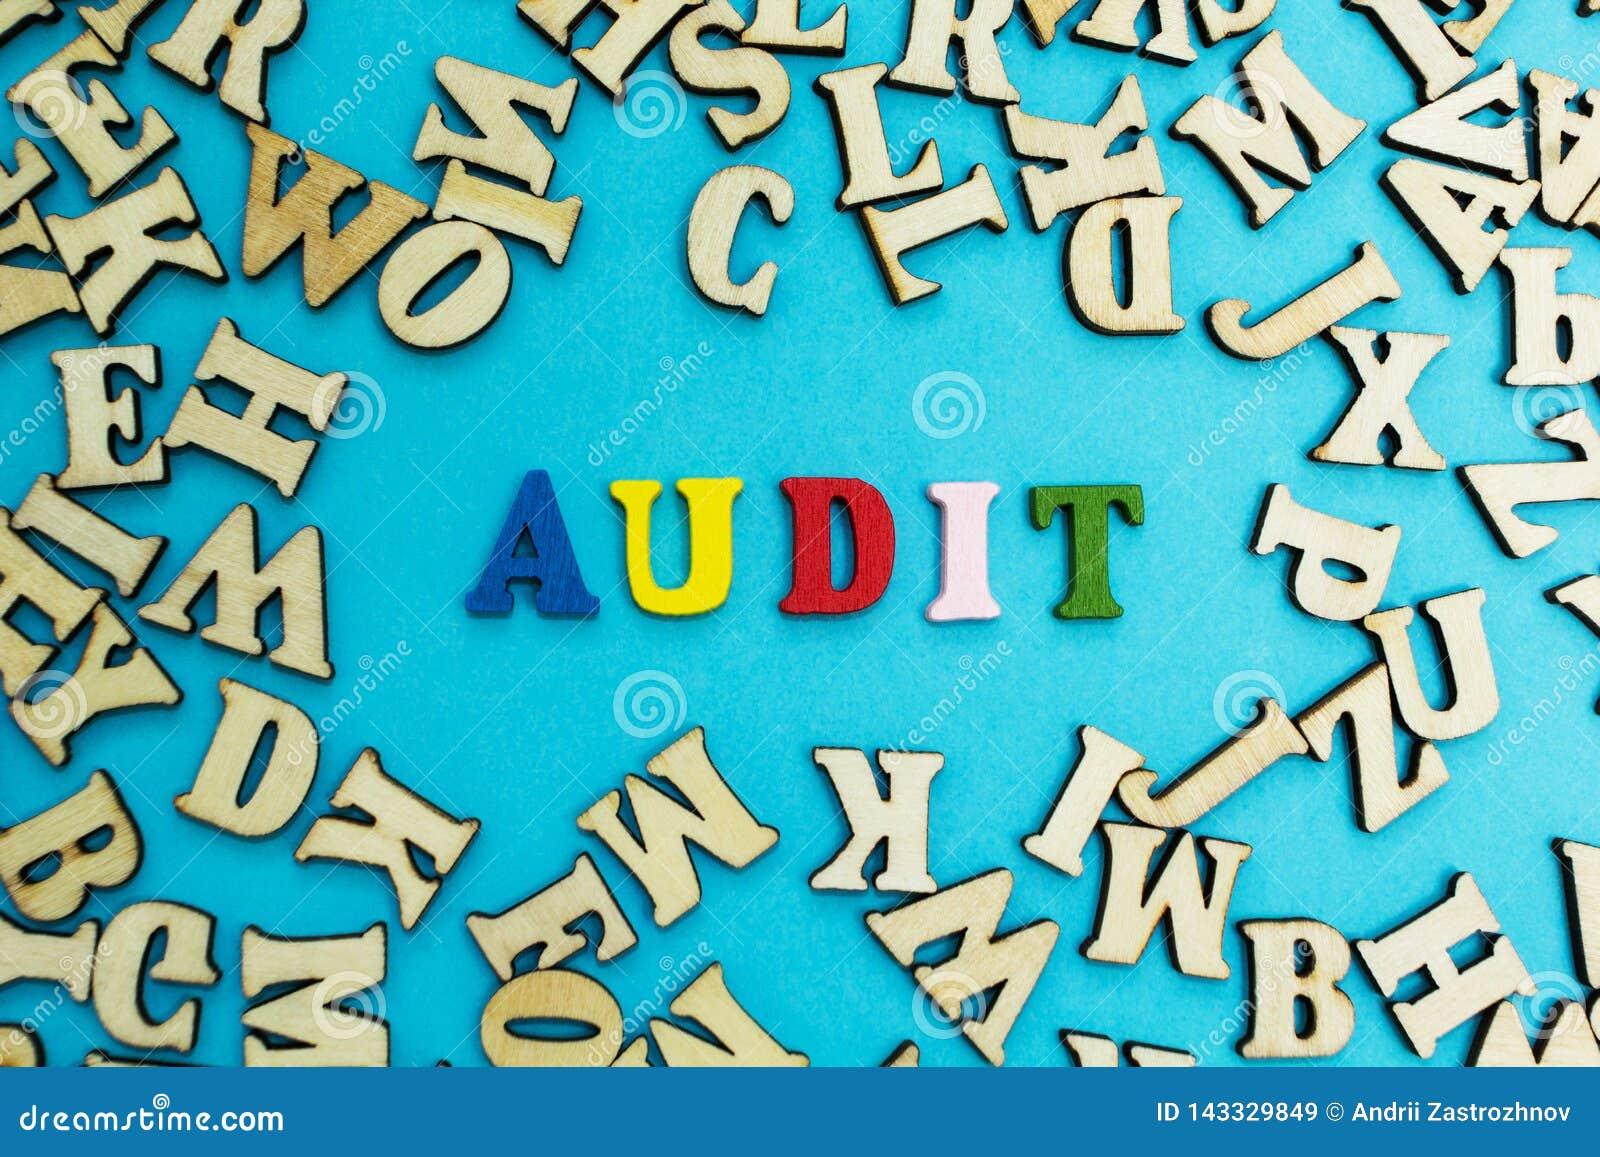 La palabra 'auditoría 'se presenta de letras multicoloras en un fondo azul